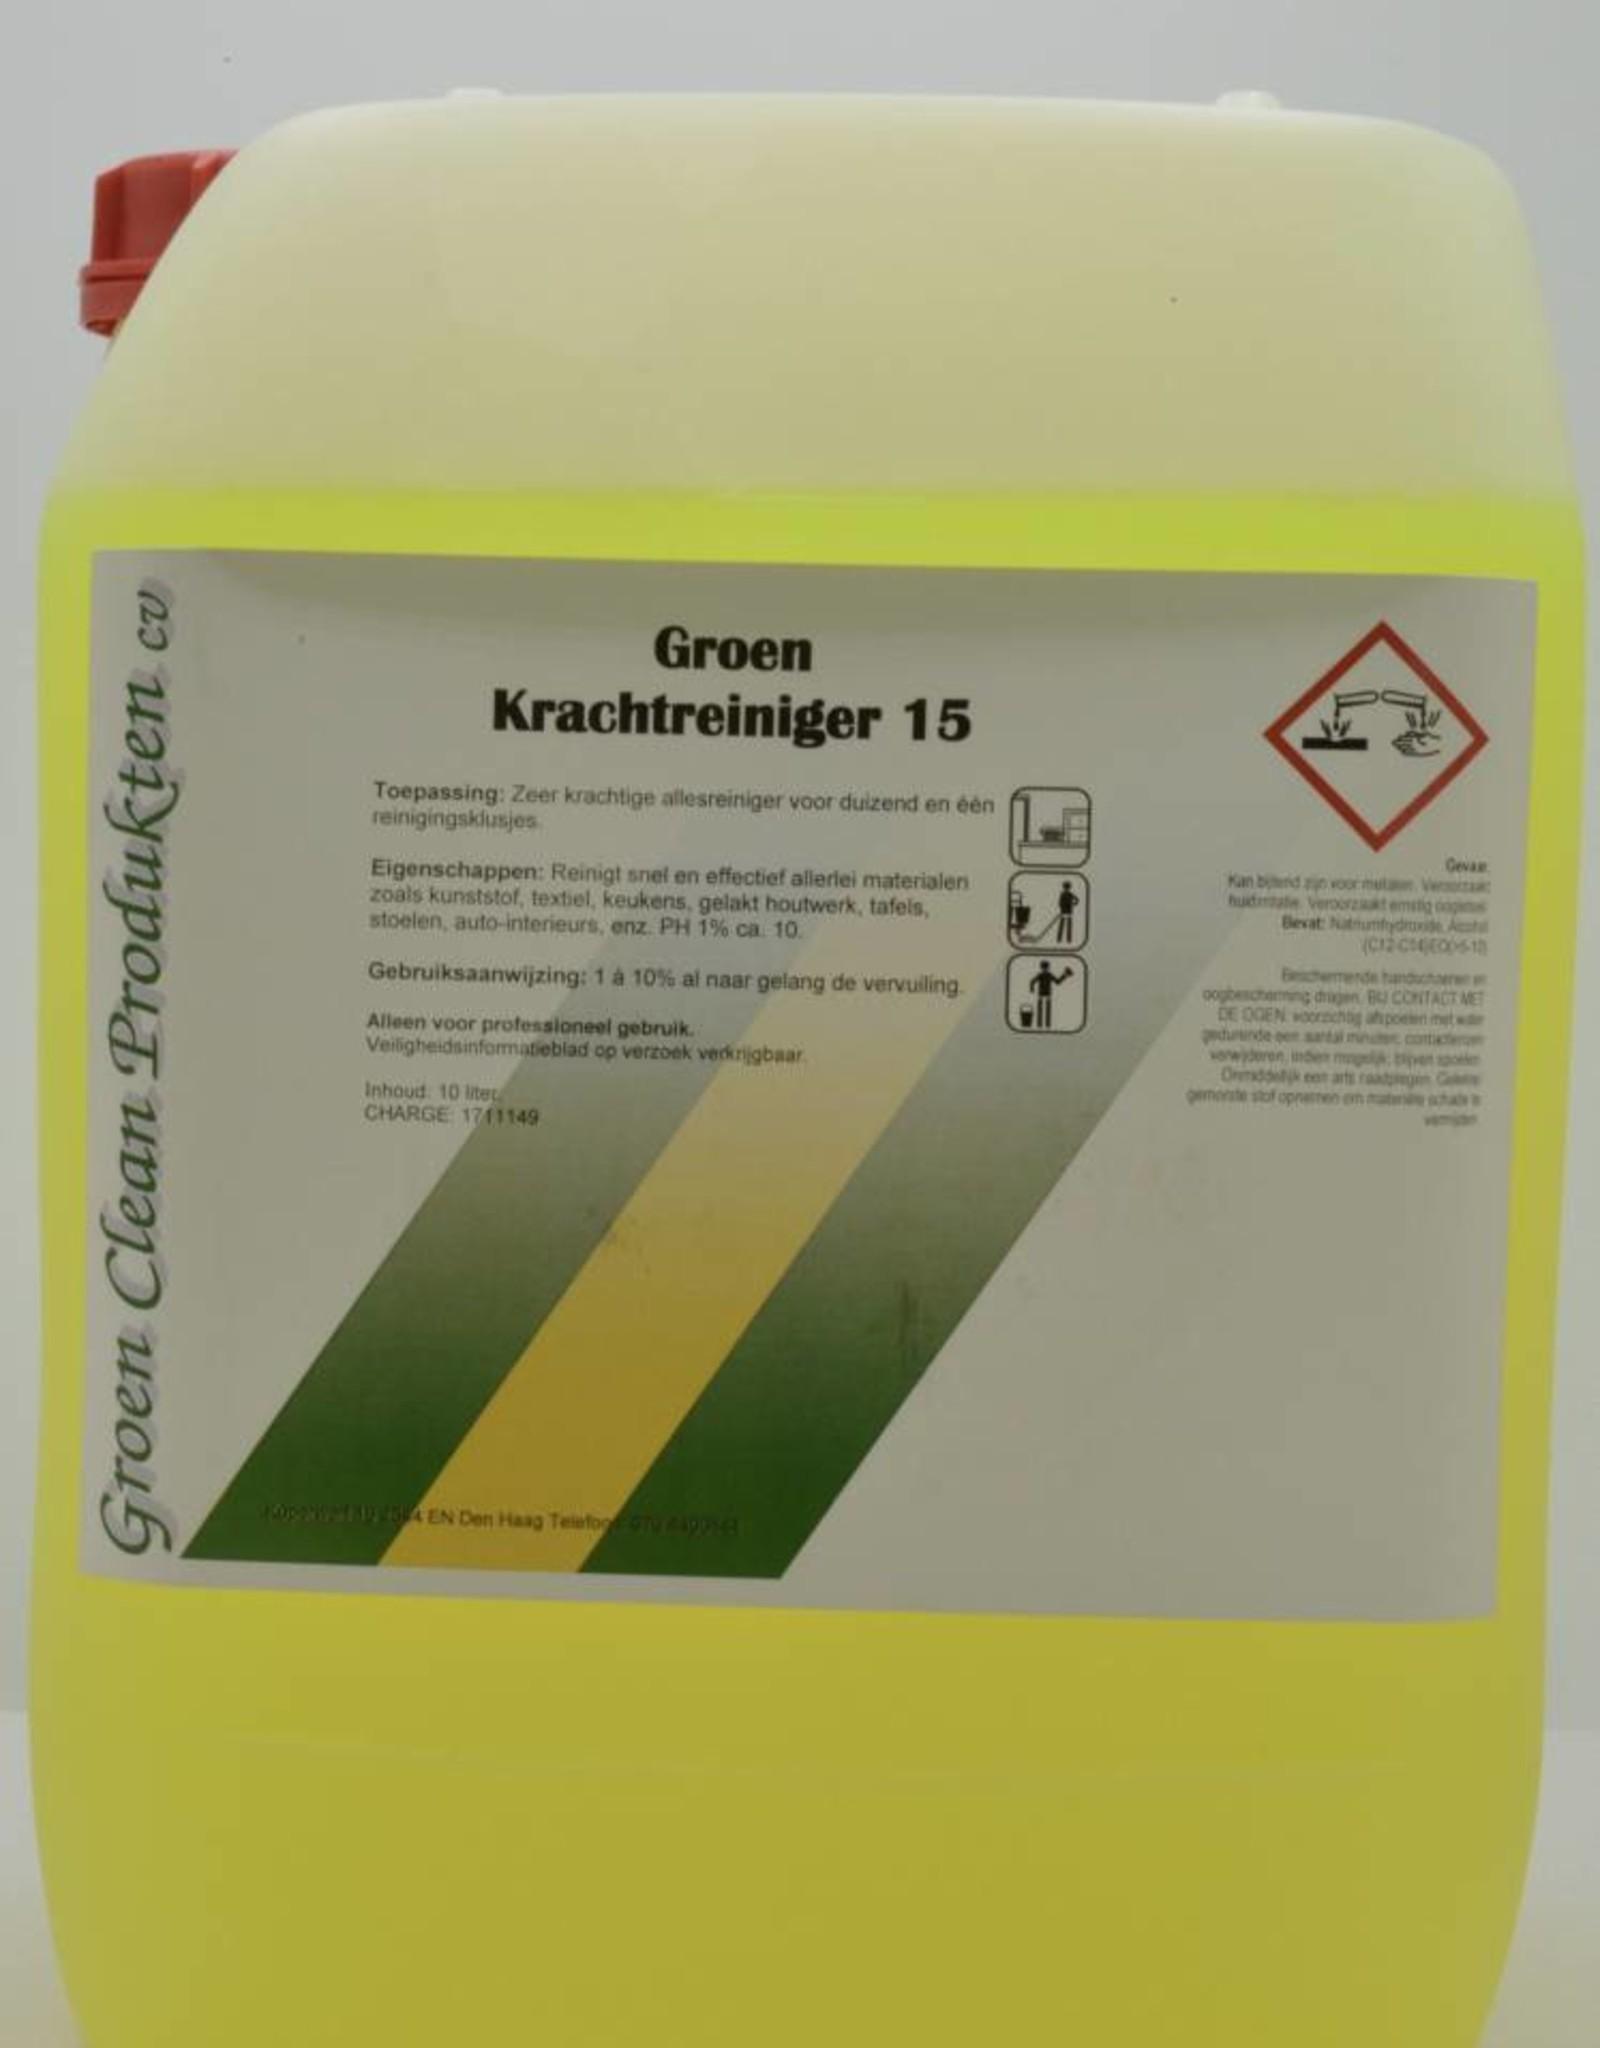 Groen Clean Krachtreiniger 15